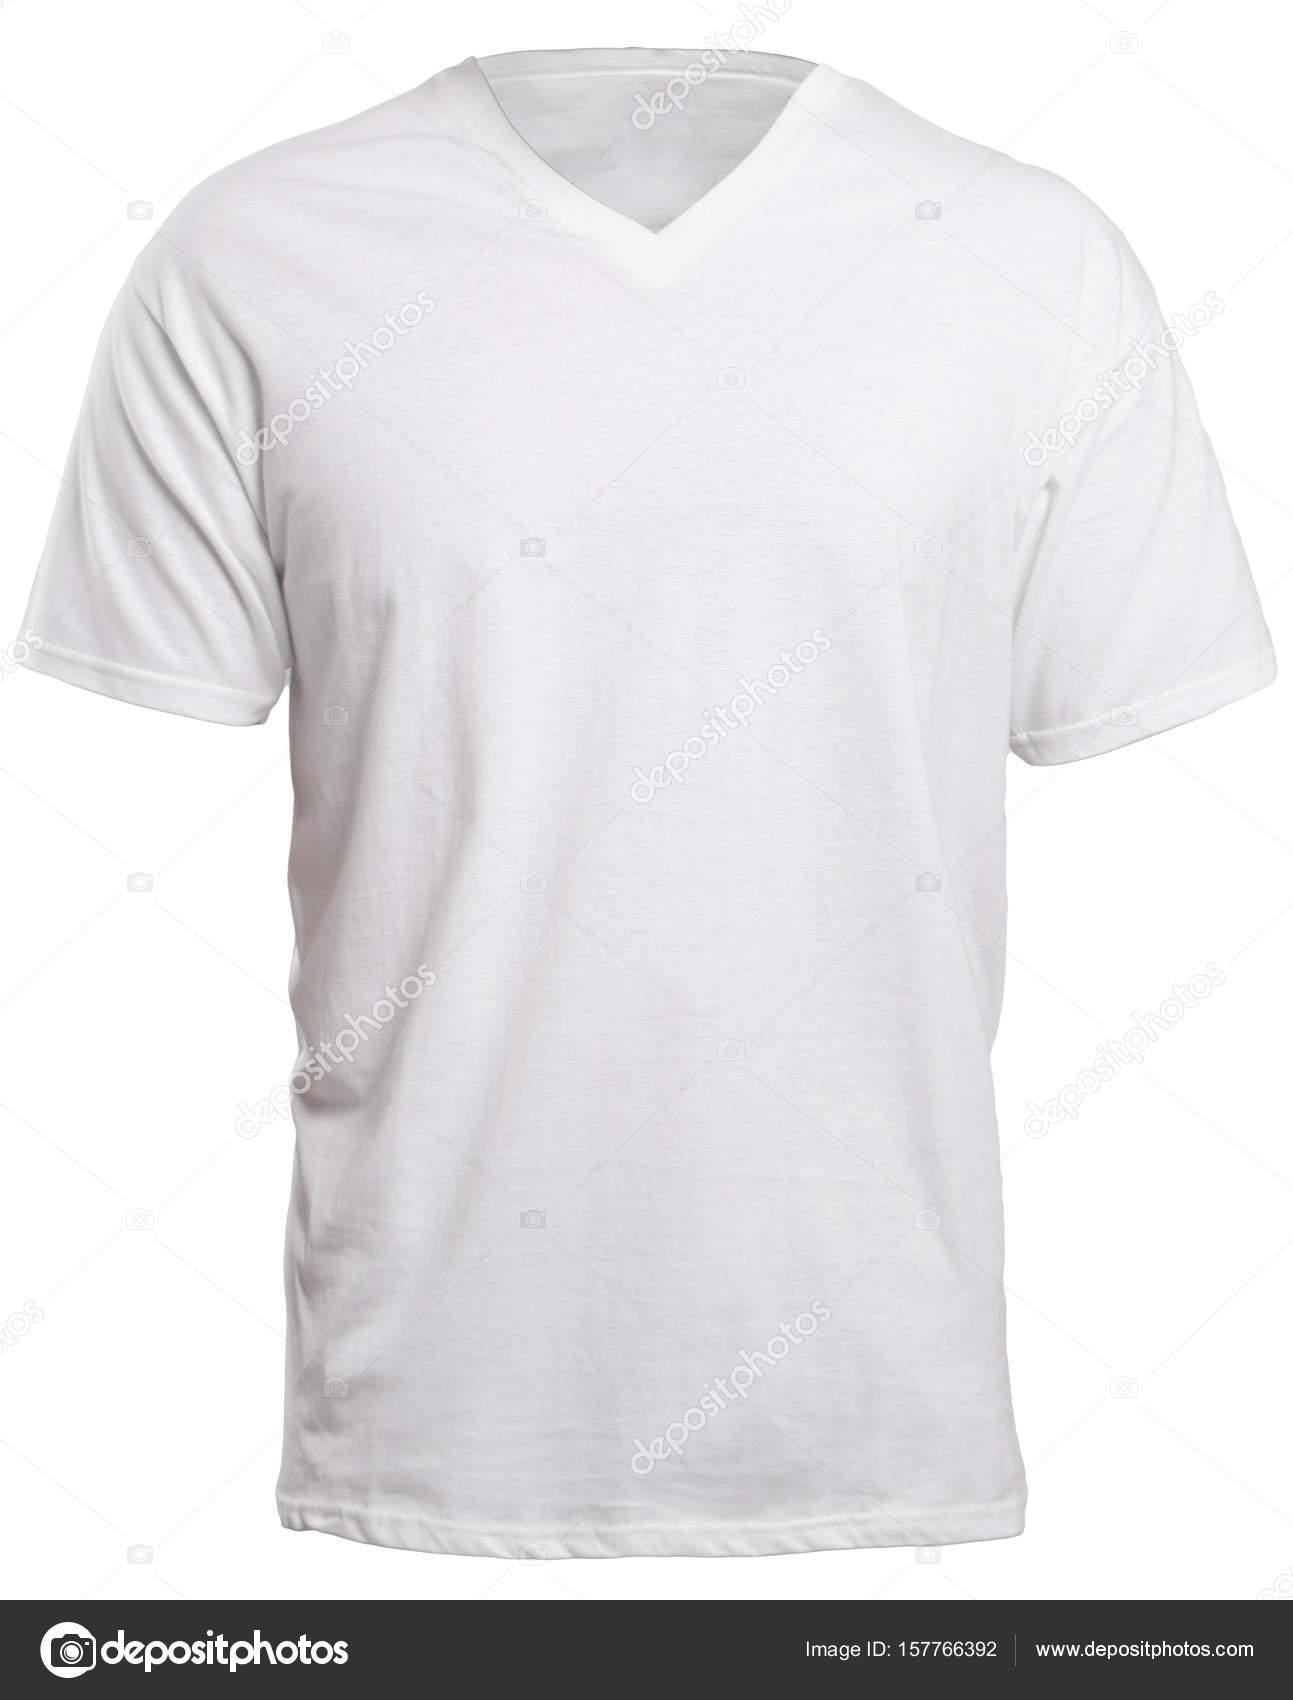 Weiß mit V-Ausschnitt Shirt Mock-up — Stockfoto © airdone #157766392